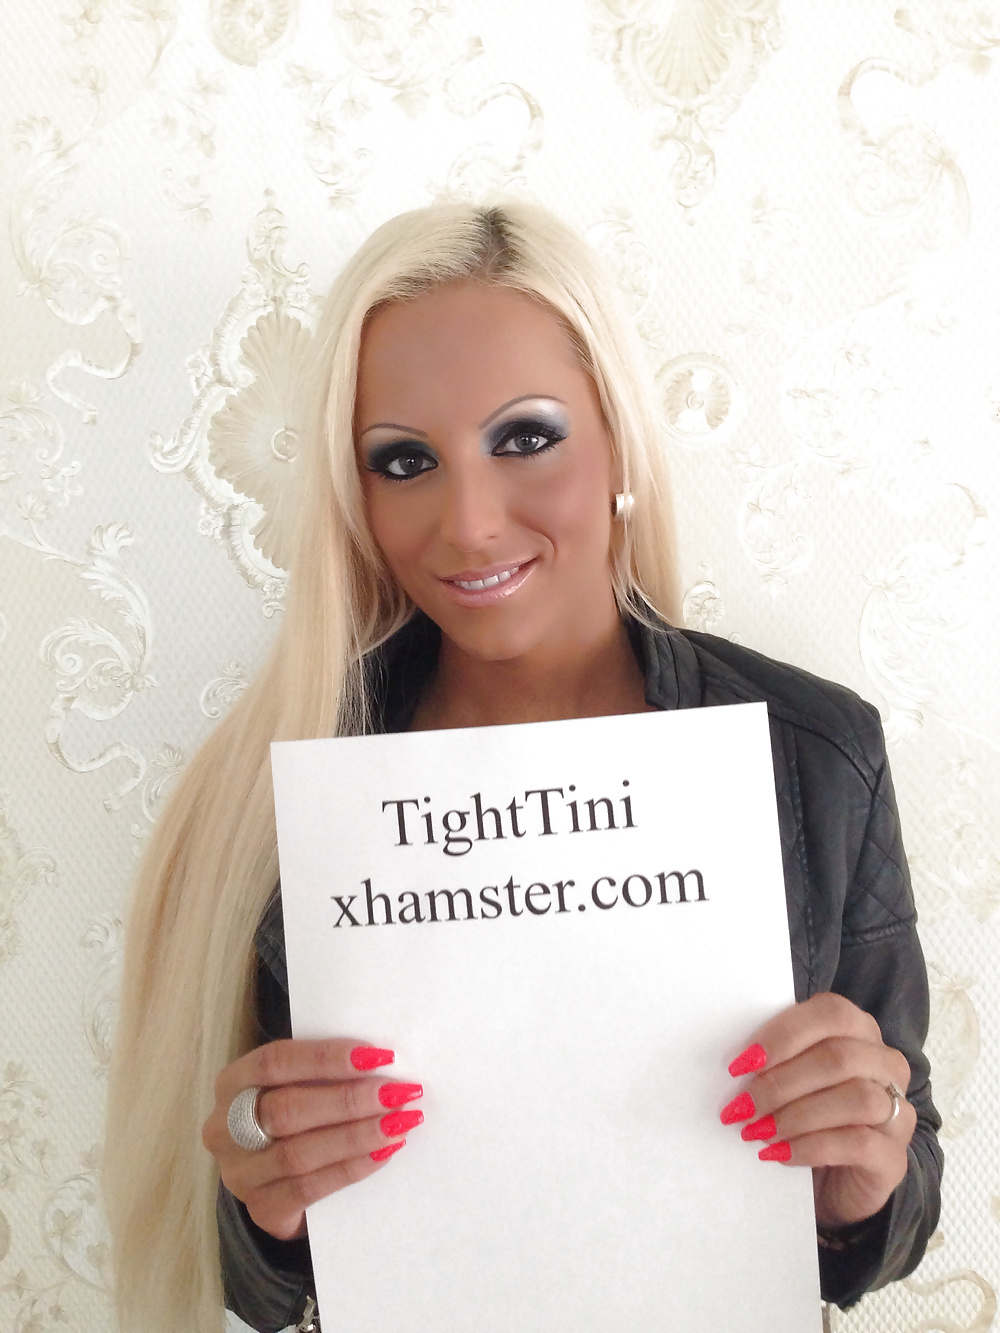 TightTini introduction